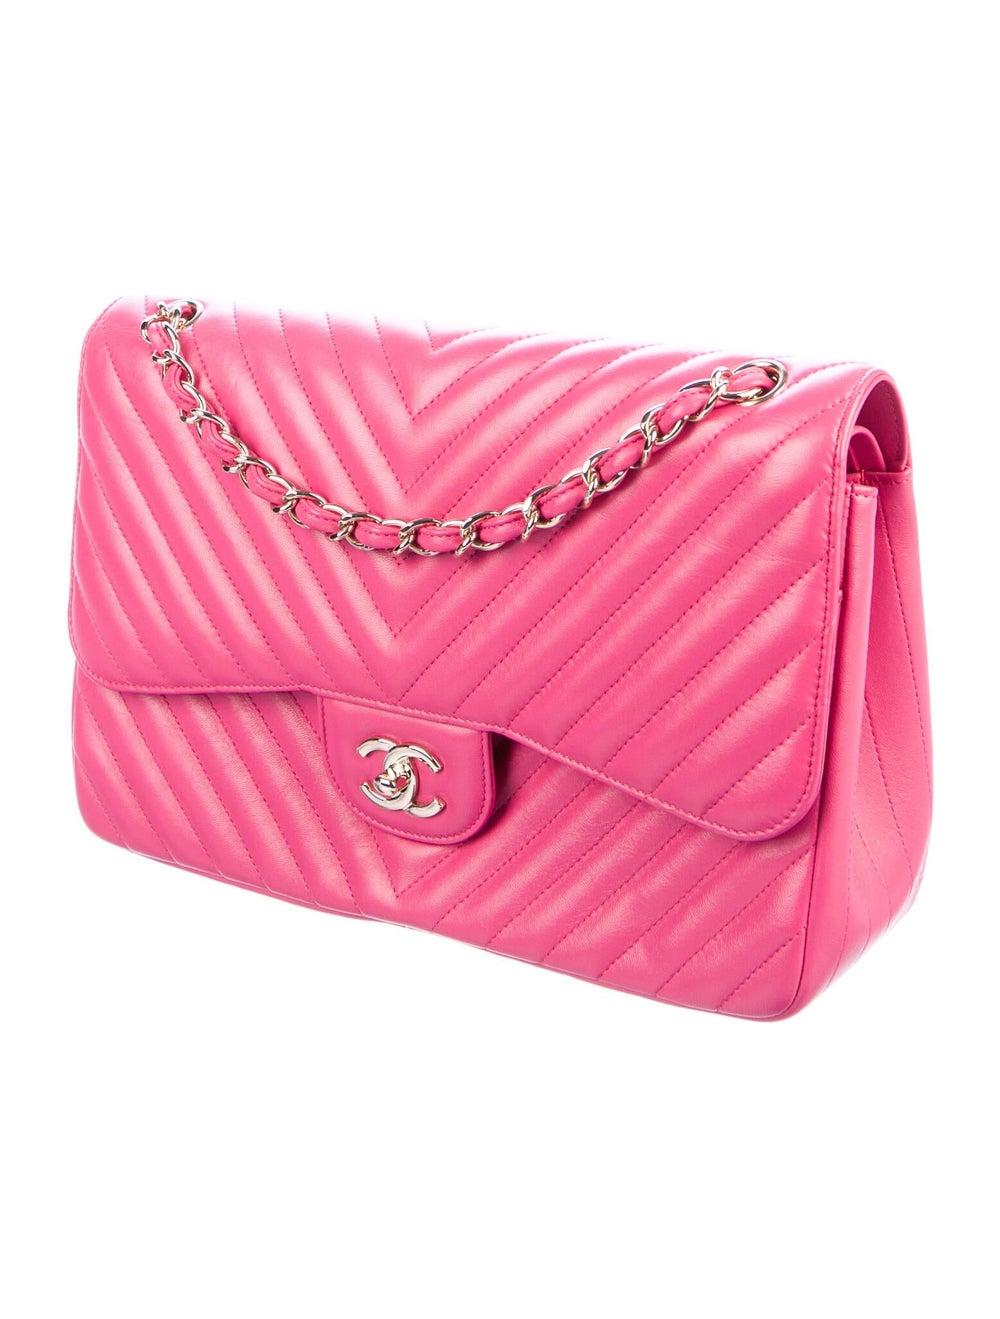 Chanel Jumbo Chevron Double Flap Bag Pink - image 3